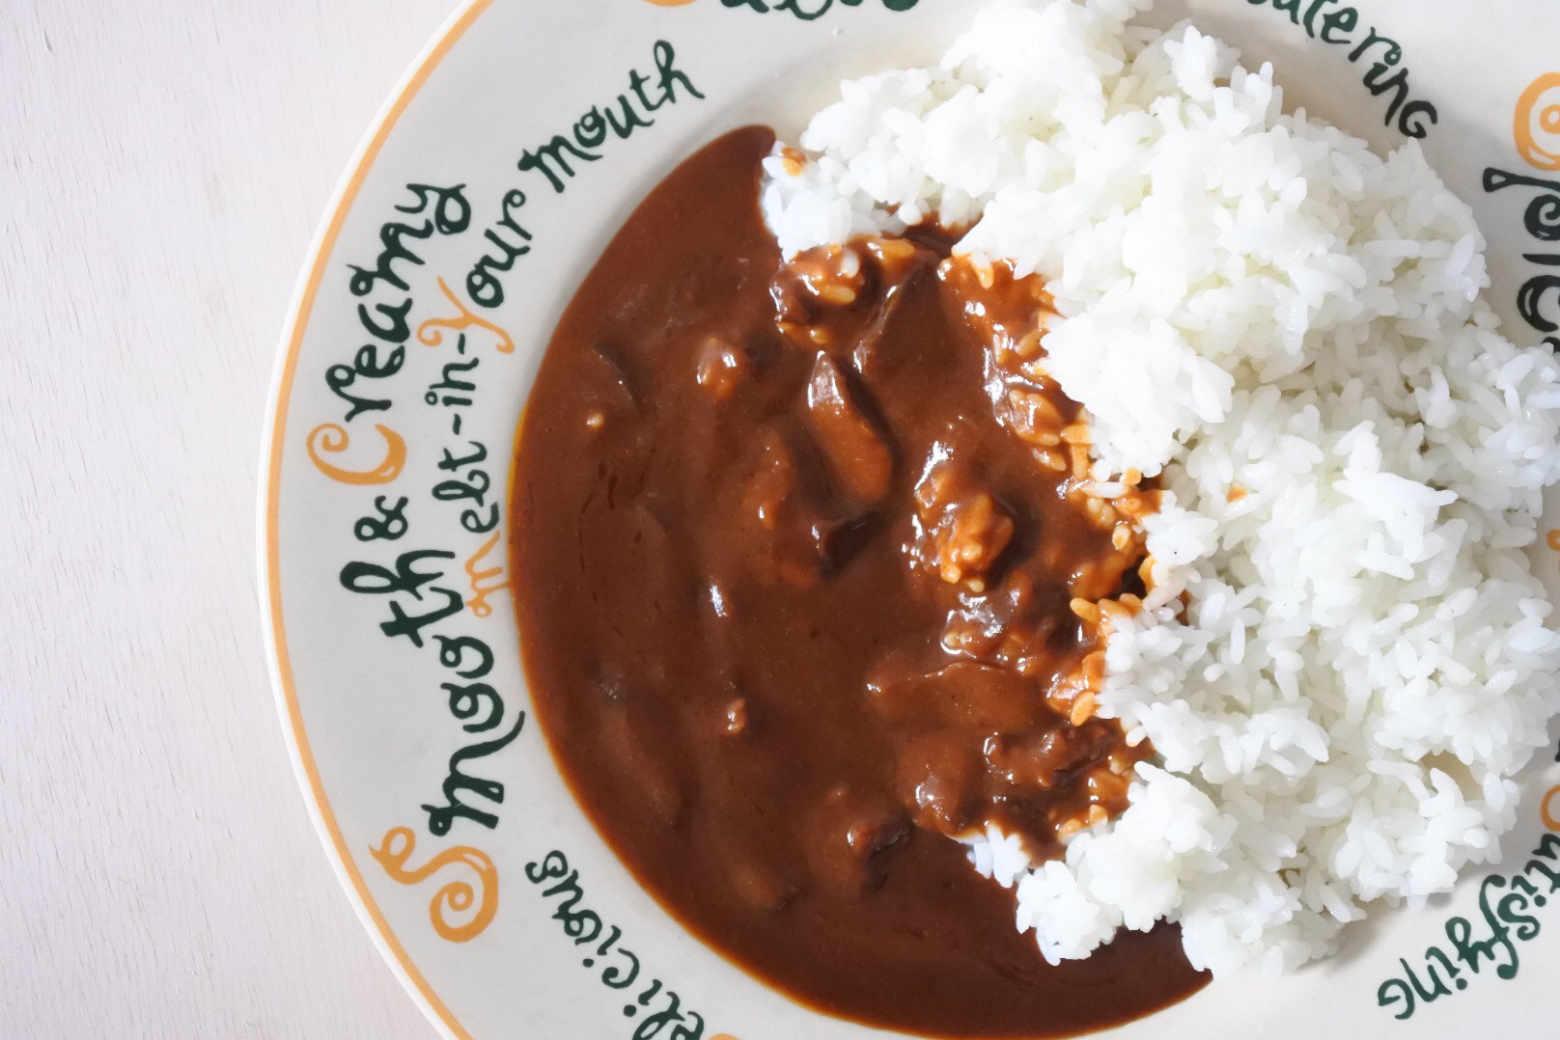 『ハウス ザ・ホテル・カレー 香りの中辛』は美味しい大人の贅沢カレー【食品】